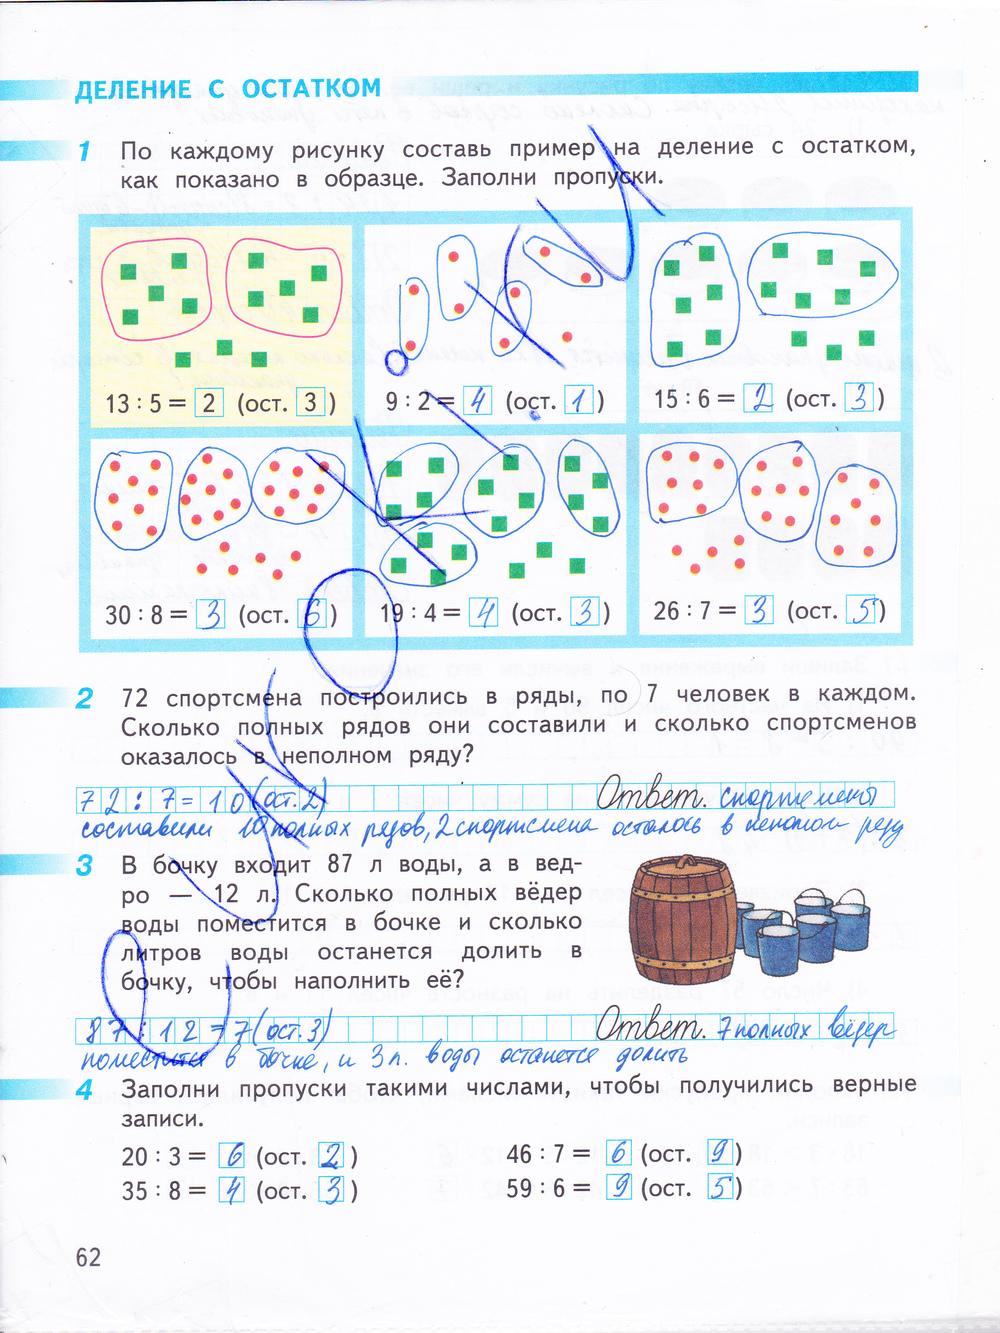 тетрадь математике гдз рабочая по класса бука 3